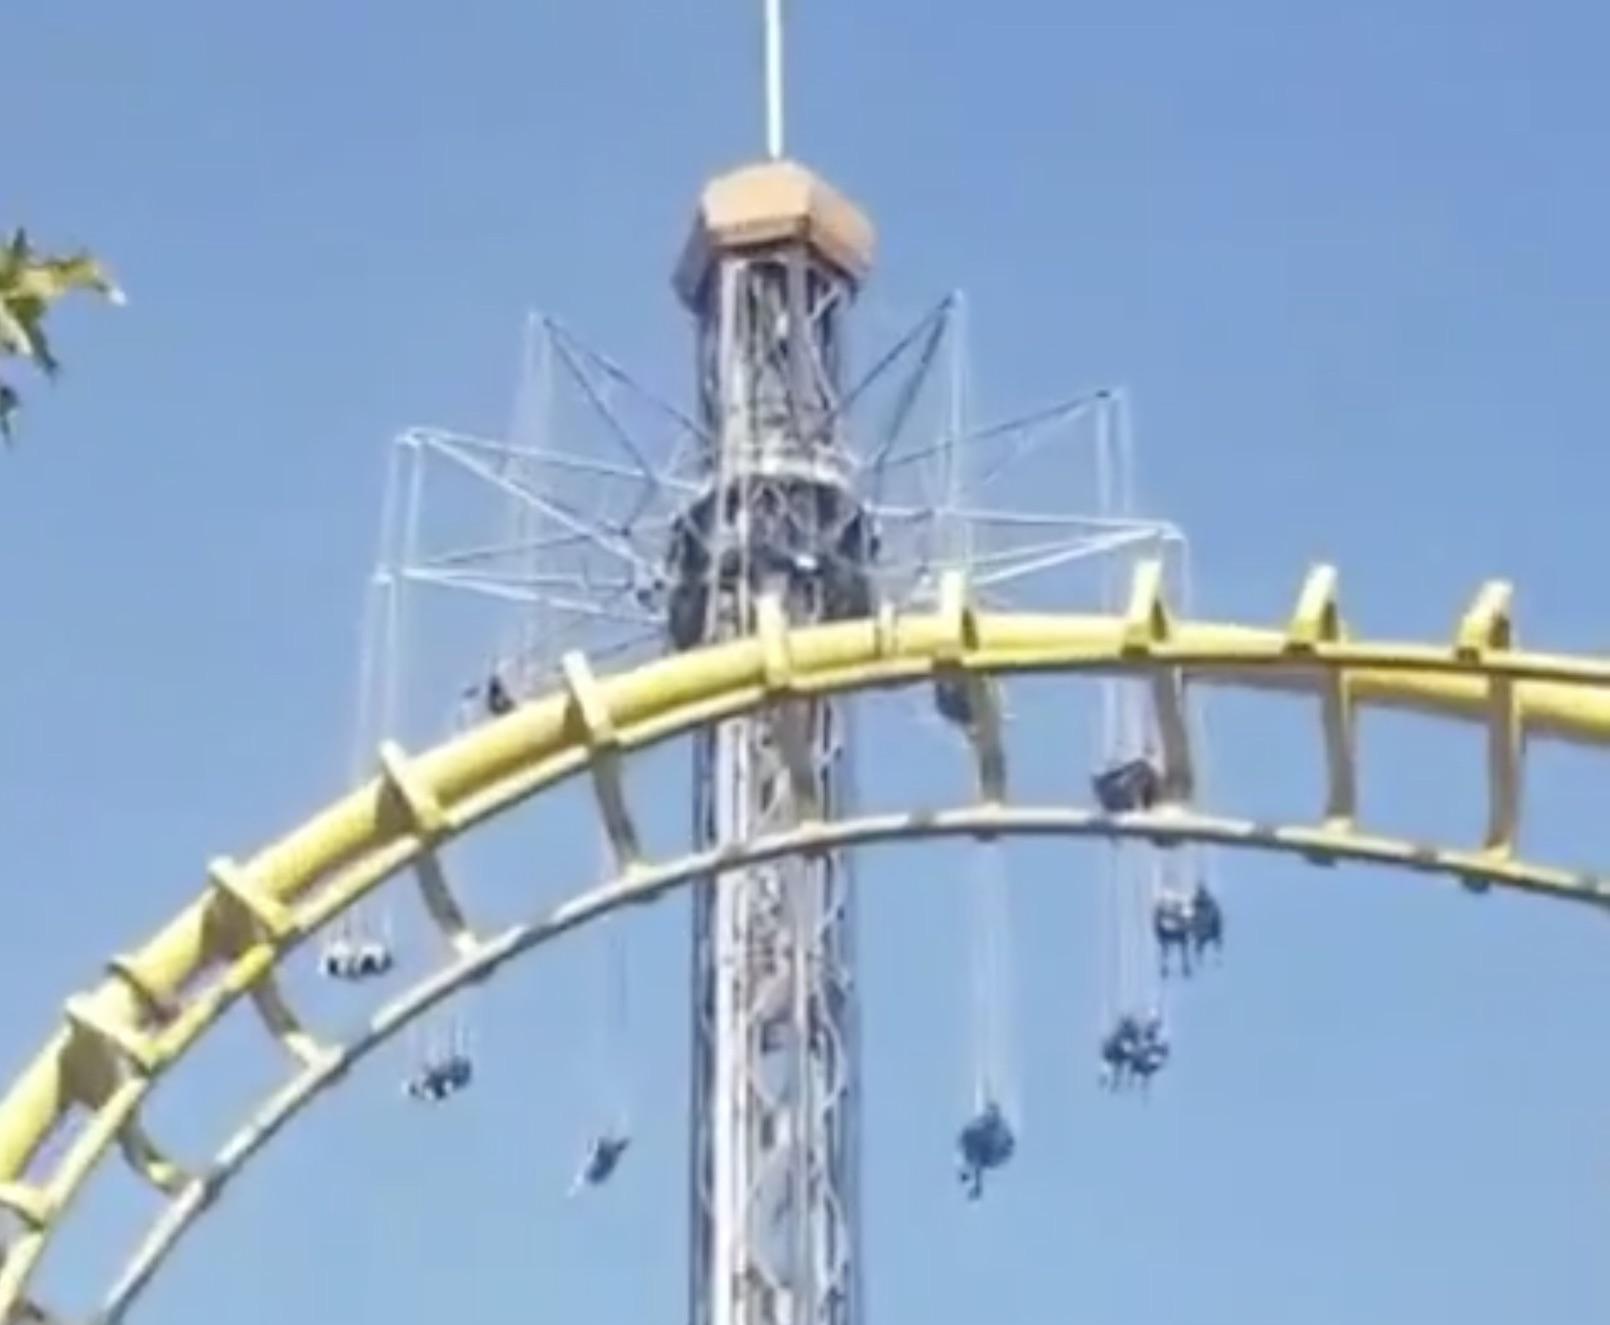 🎬 Falla en juego de Fantasilandia deja a personas a 25 pisos de altura por 20 minutos